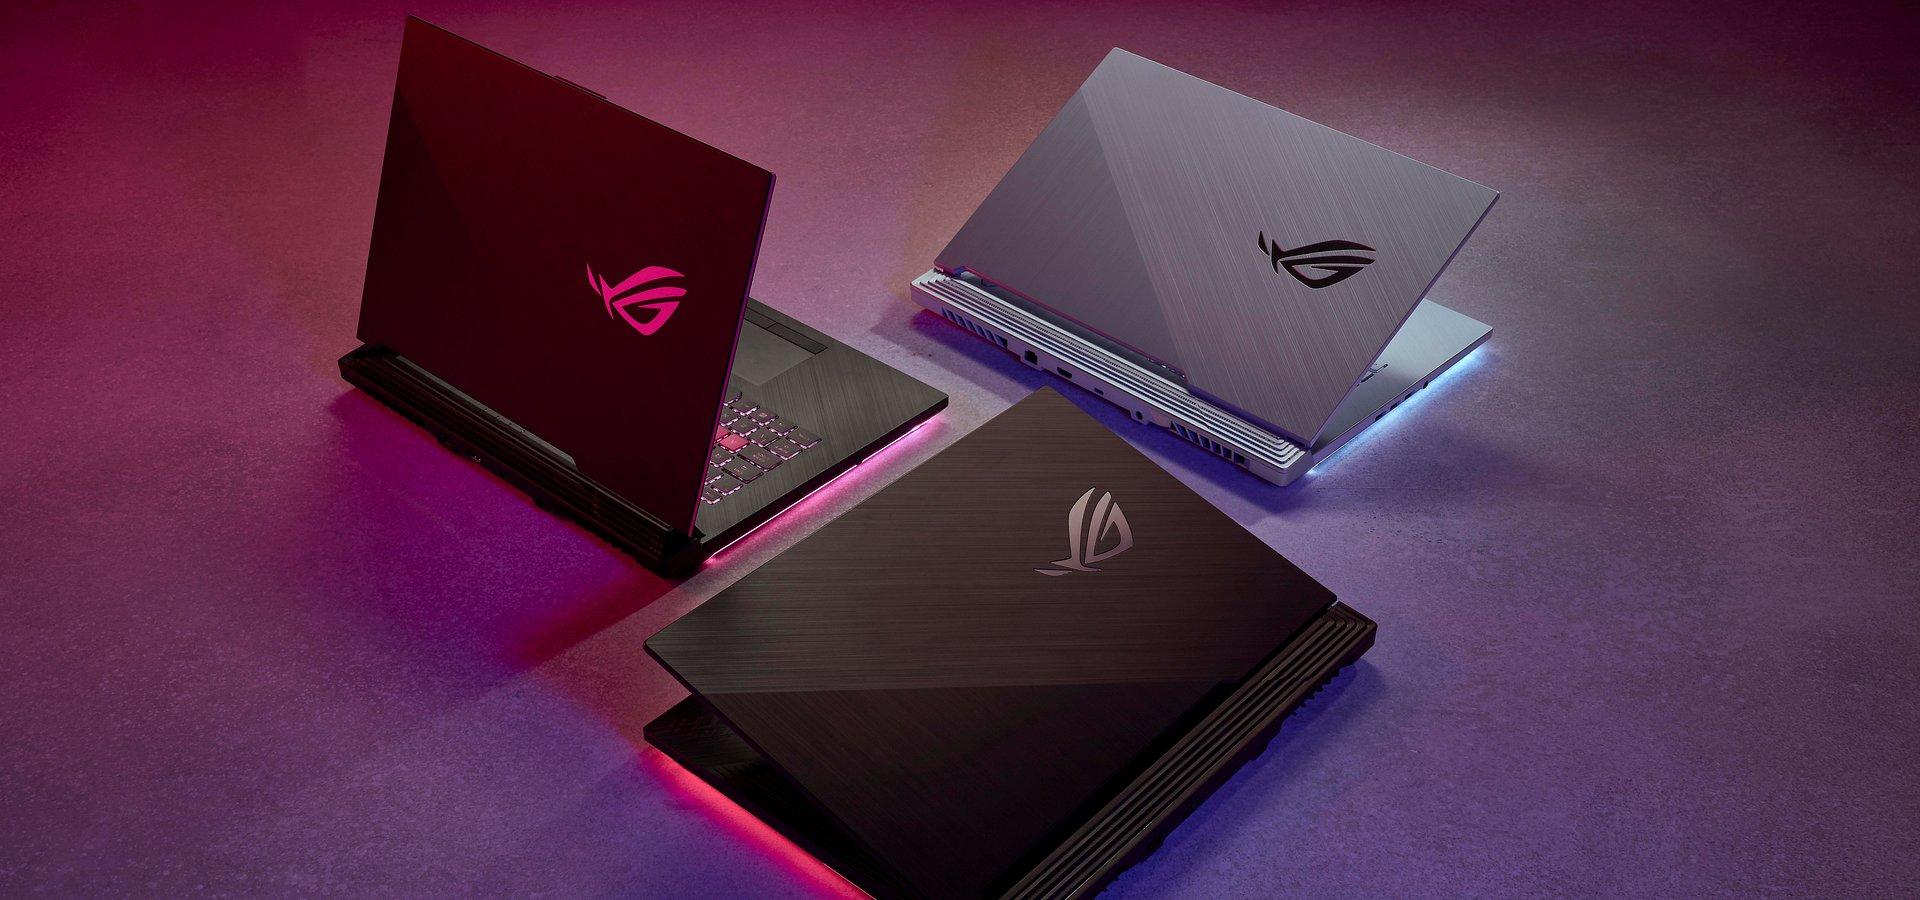 ROG prezentuje elektryzujące laptopy gamingowe i urządzenia peryferyjne z serii Electro Punk